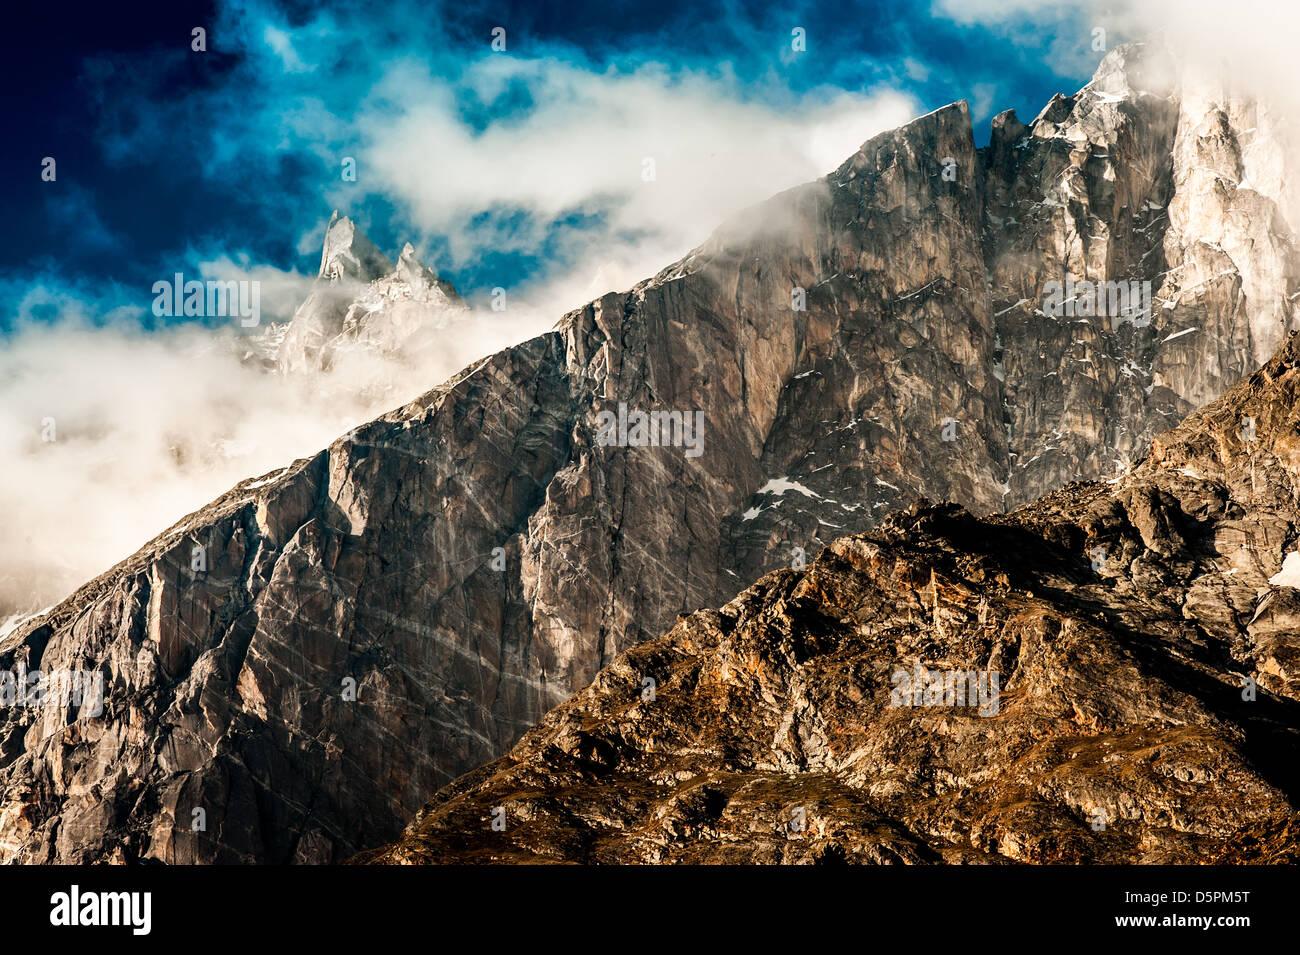 Paysage de montagne. La vallée de Spiti, Himachal Pradesh, Inde Photo Stock